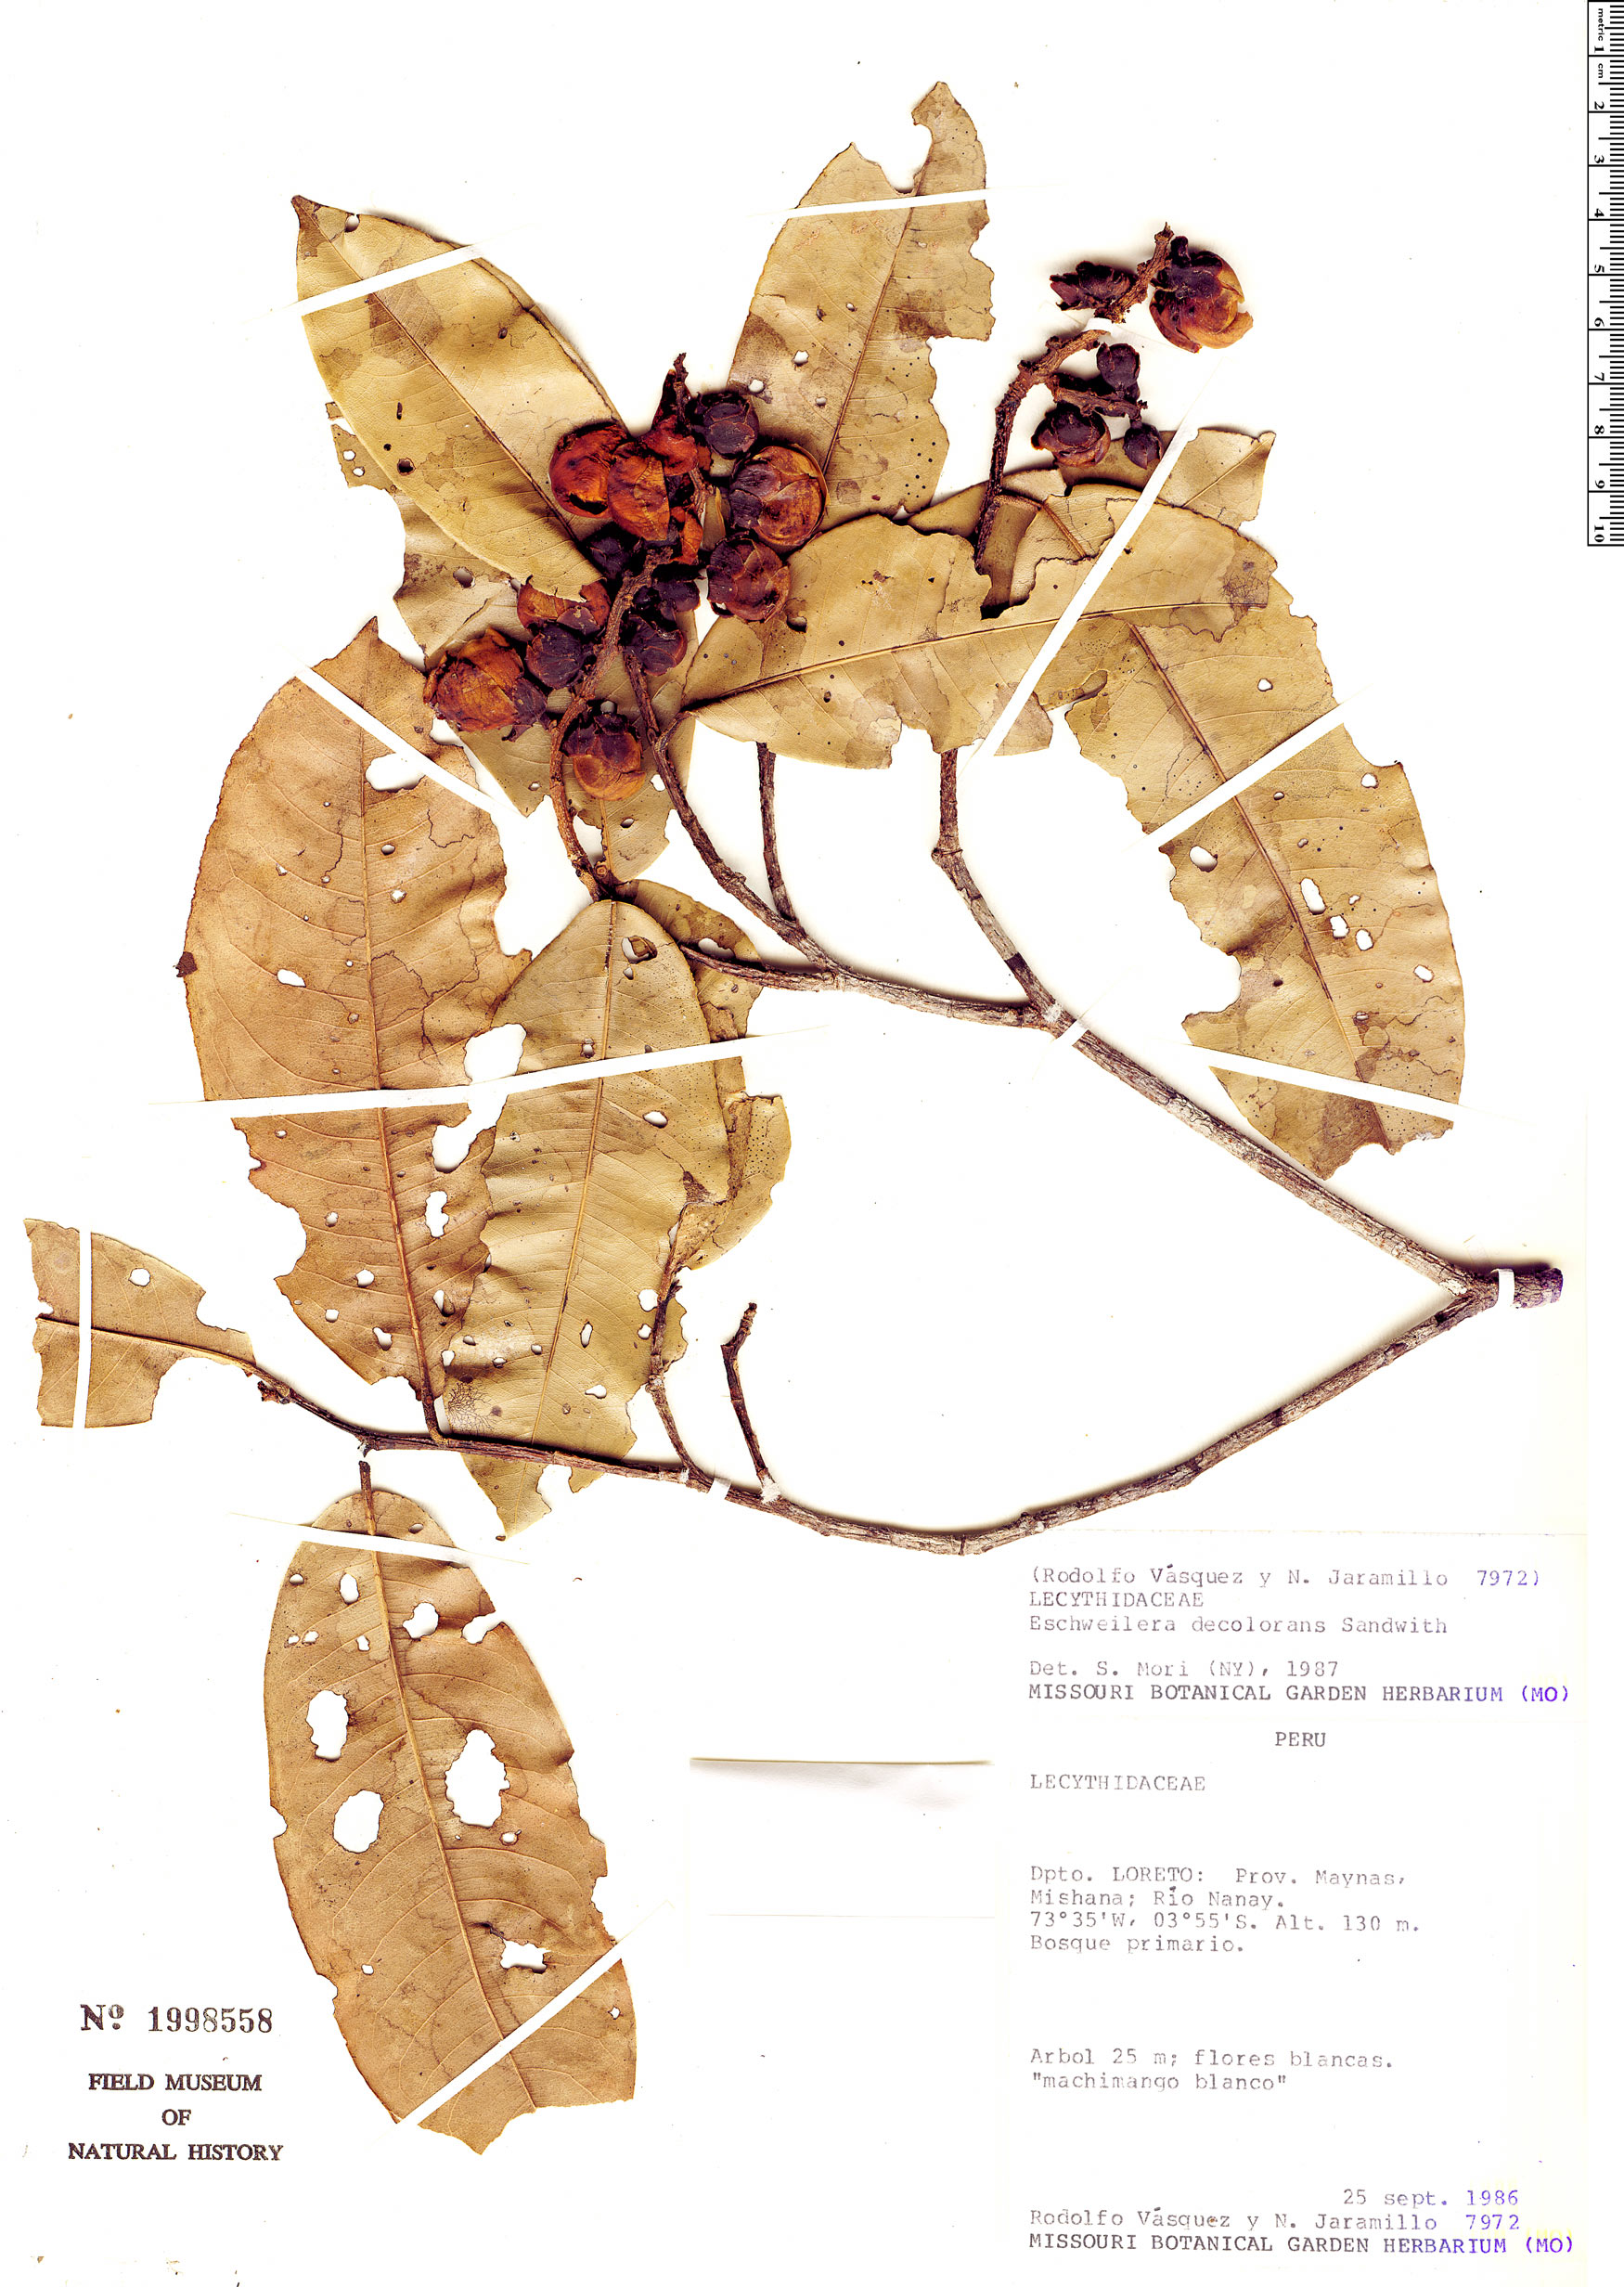 Specimen: Eschweilera decolorans